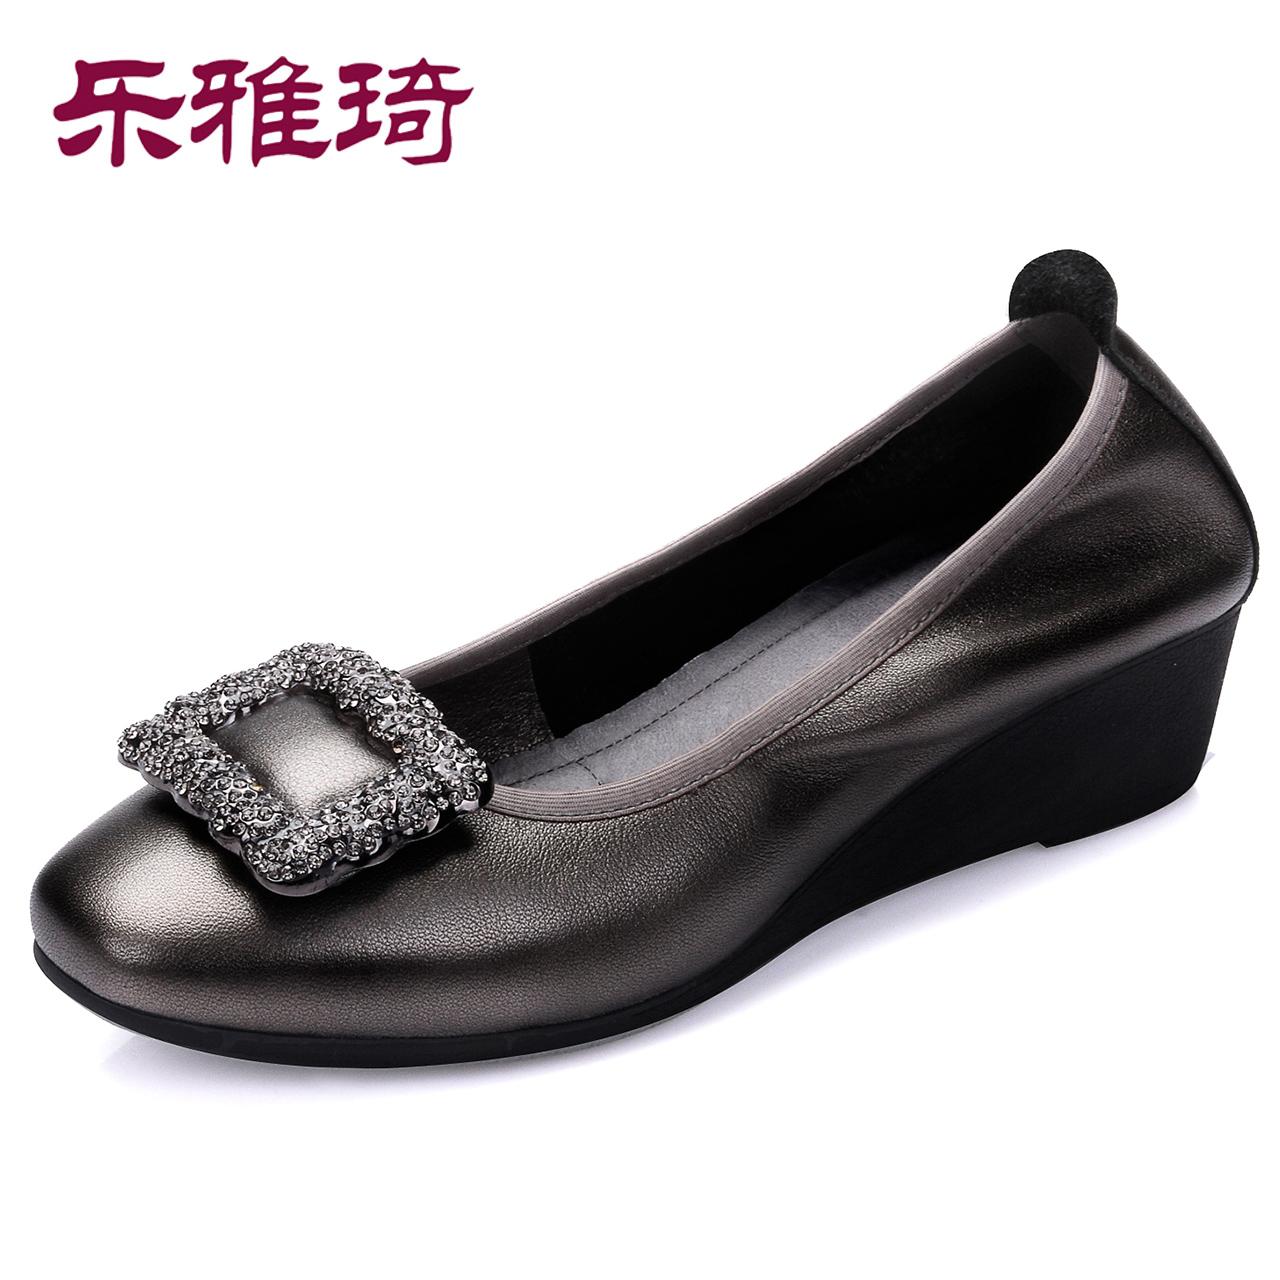 妈妈鞋软底女舒适真皮单鞋女浅口坡跟奶奶鞋2018秋新款中老年女鞋